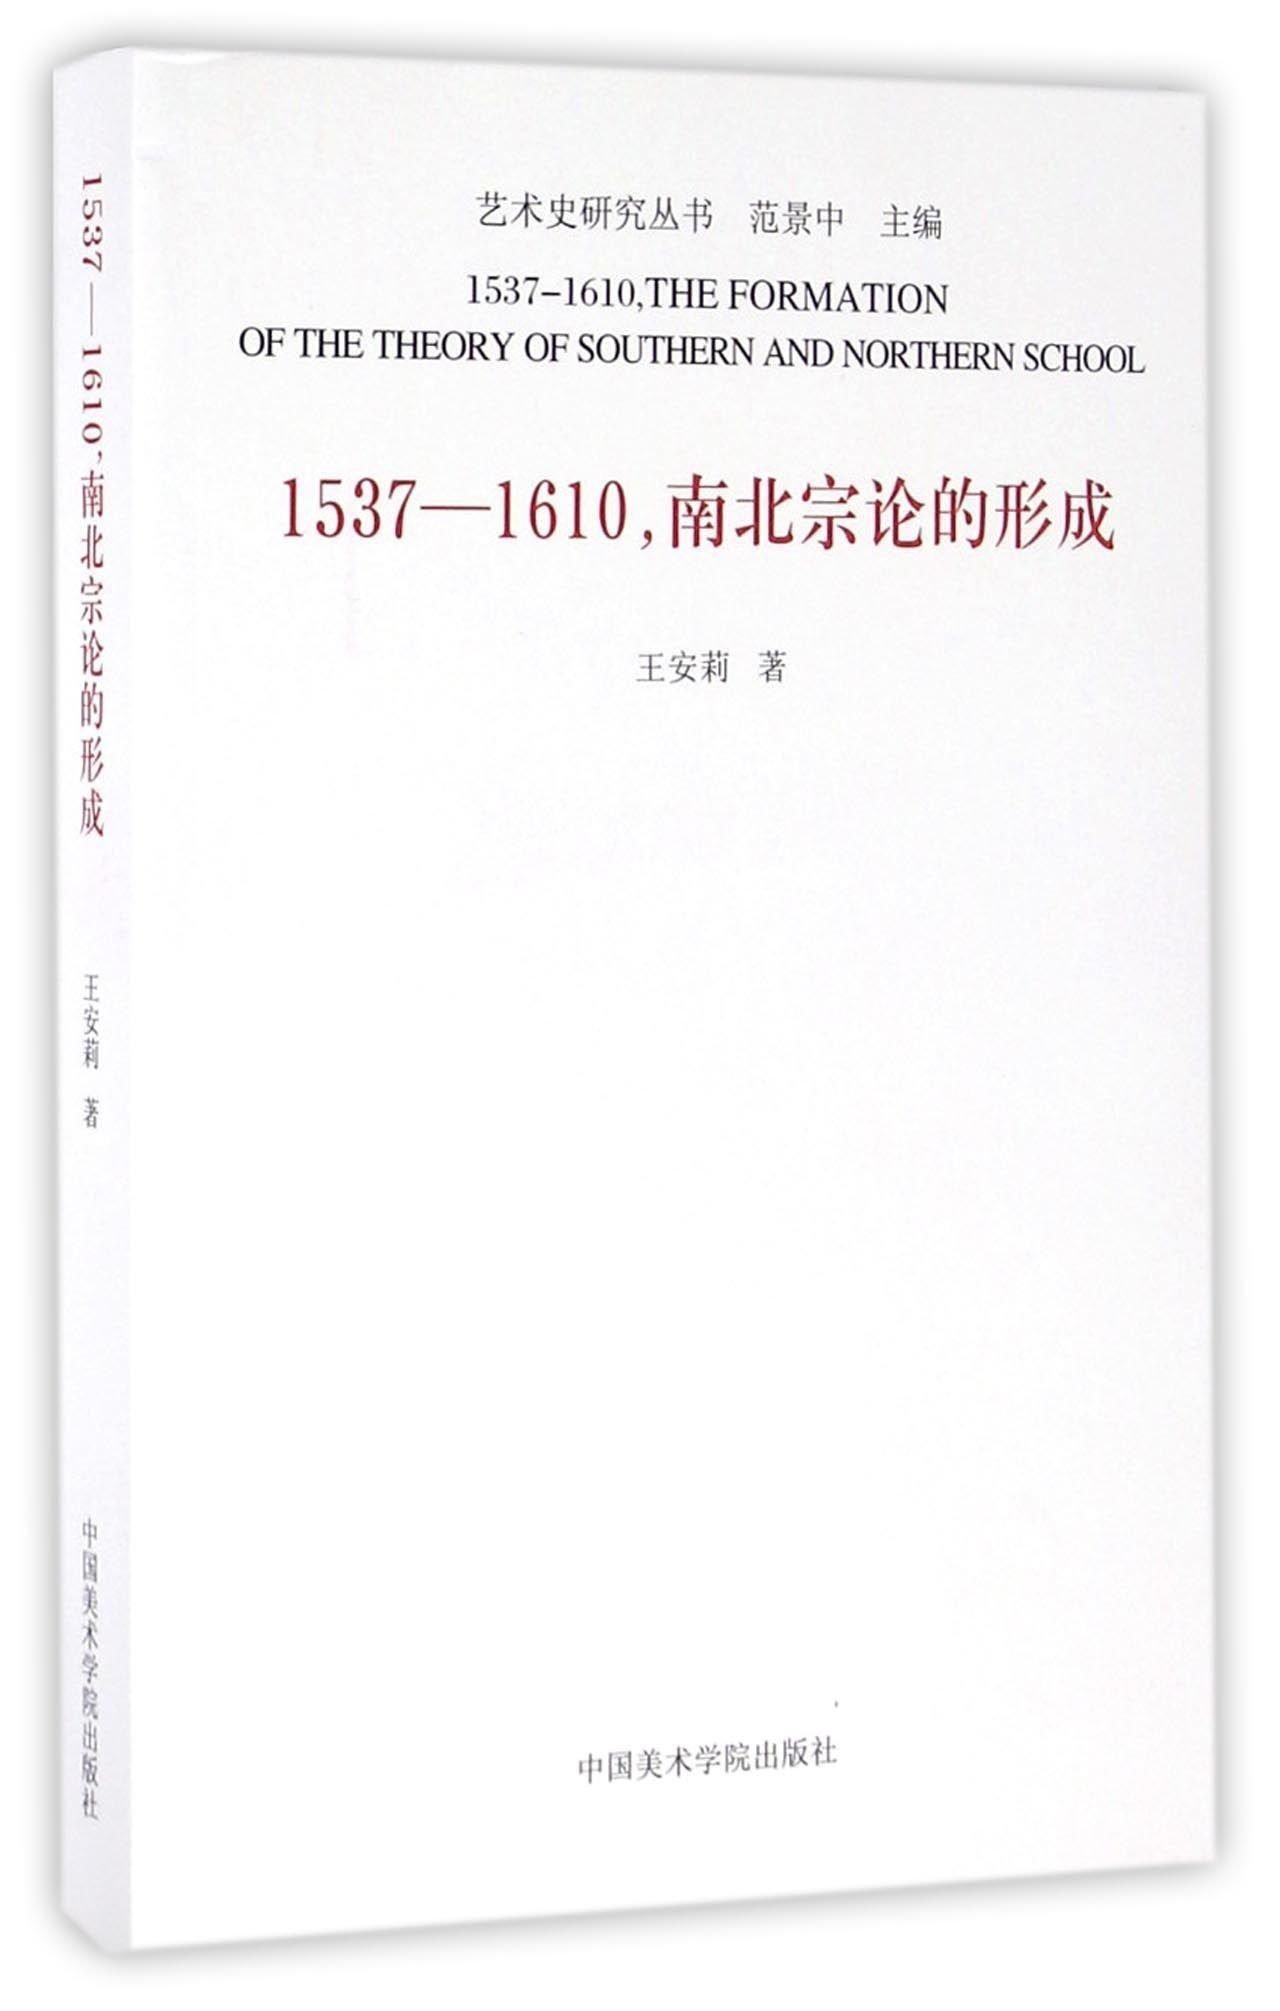 1537-1610南北宗论的形成/艺术史研究丛书 PDF